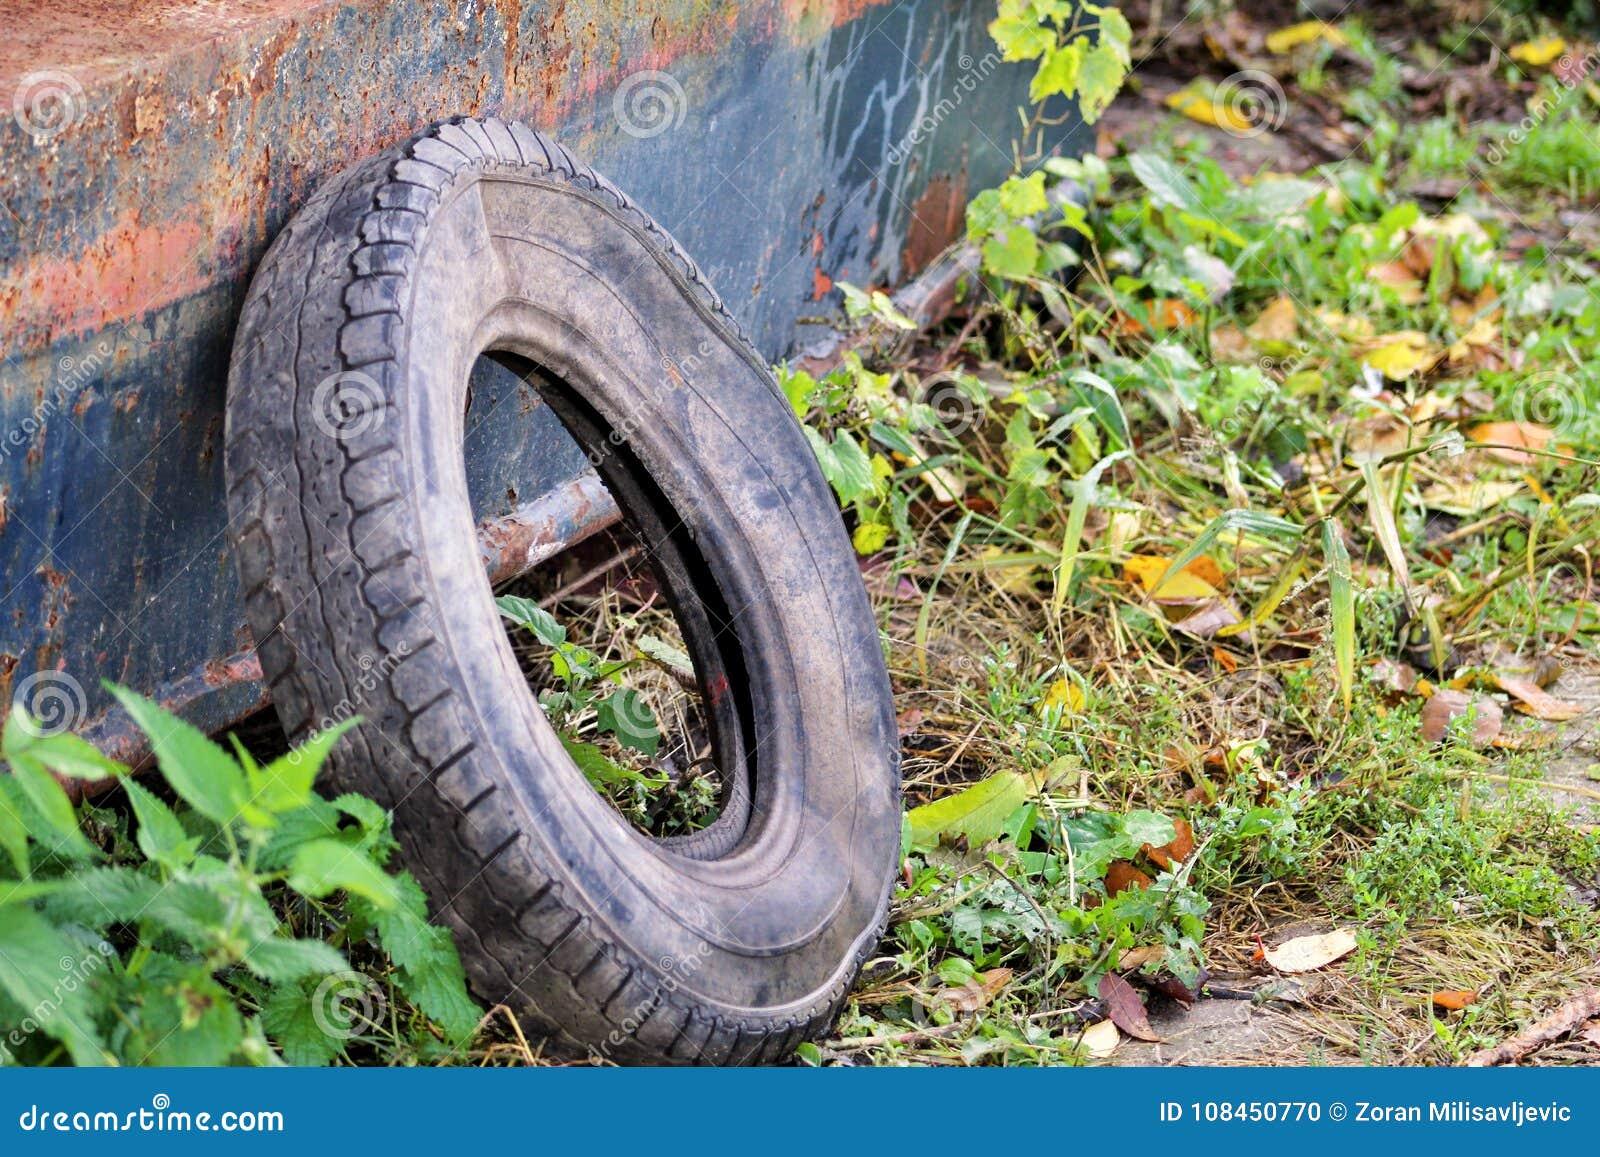 pneu de voiture d 39 occasion laiss en nature le vieux pneu. Black Bedroom Furniture Sets. Home Design Ideas